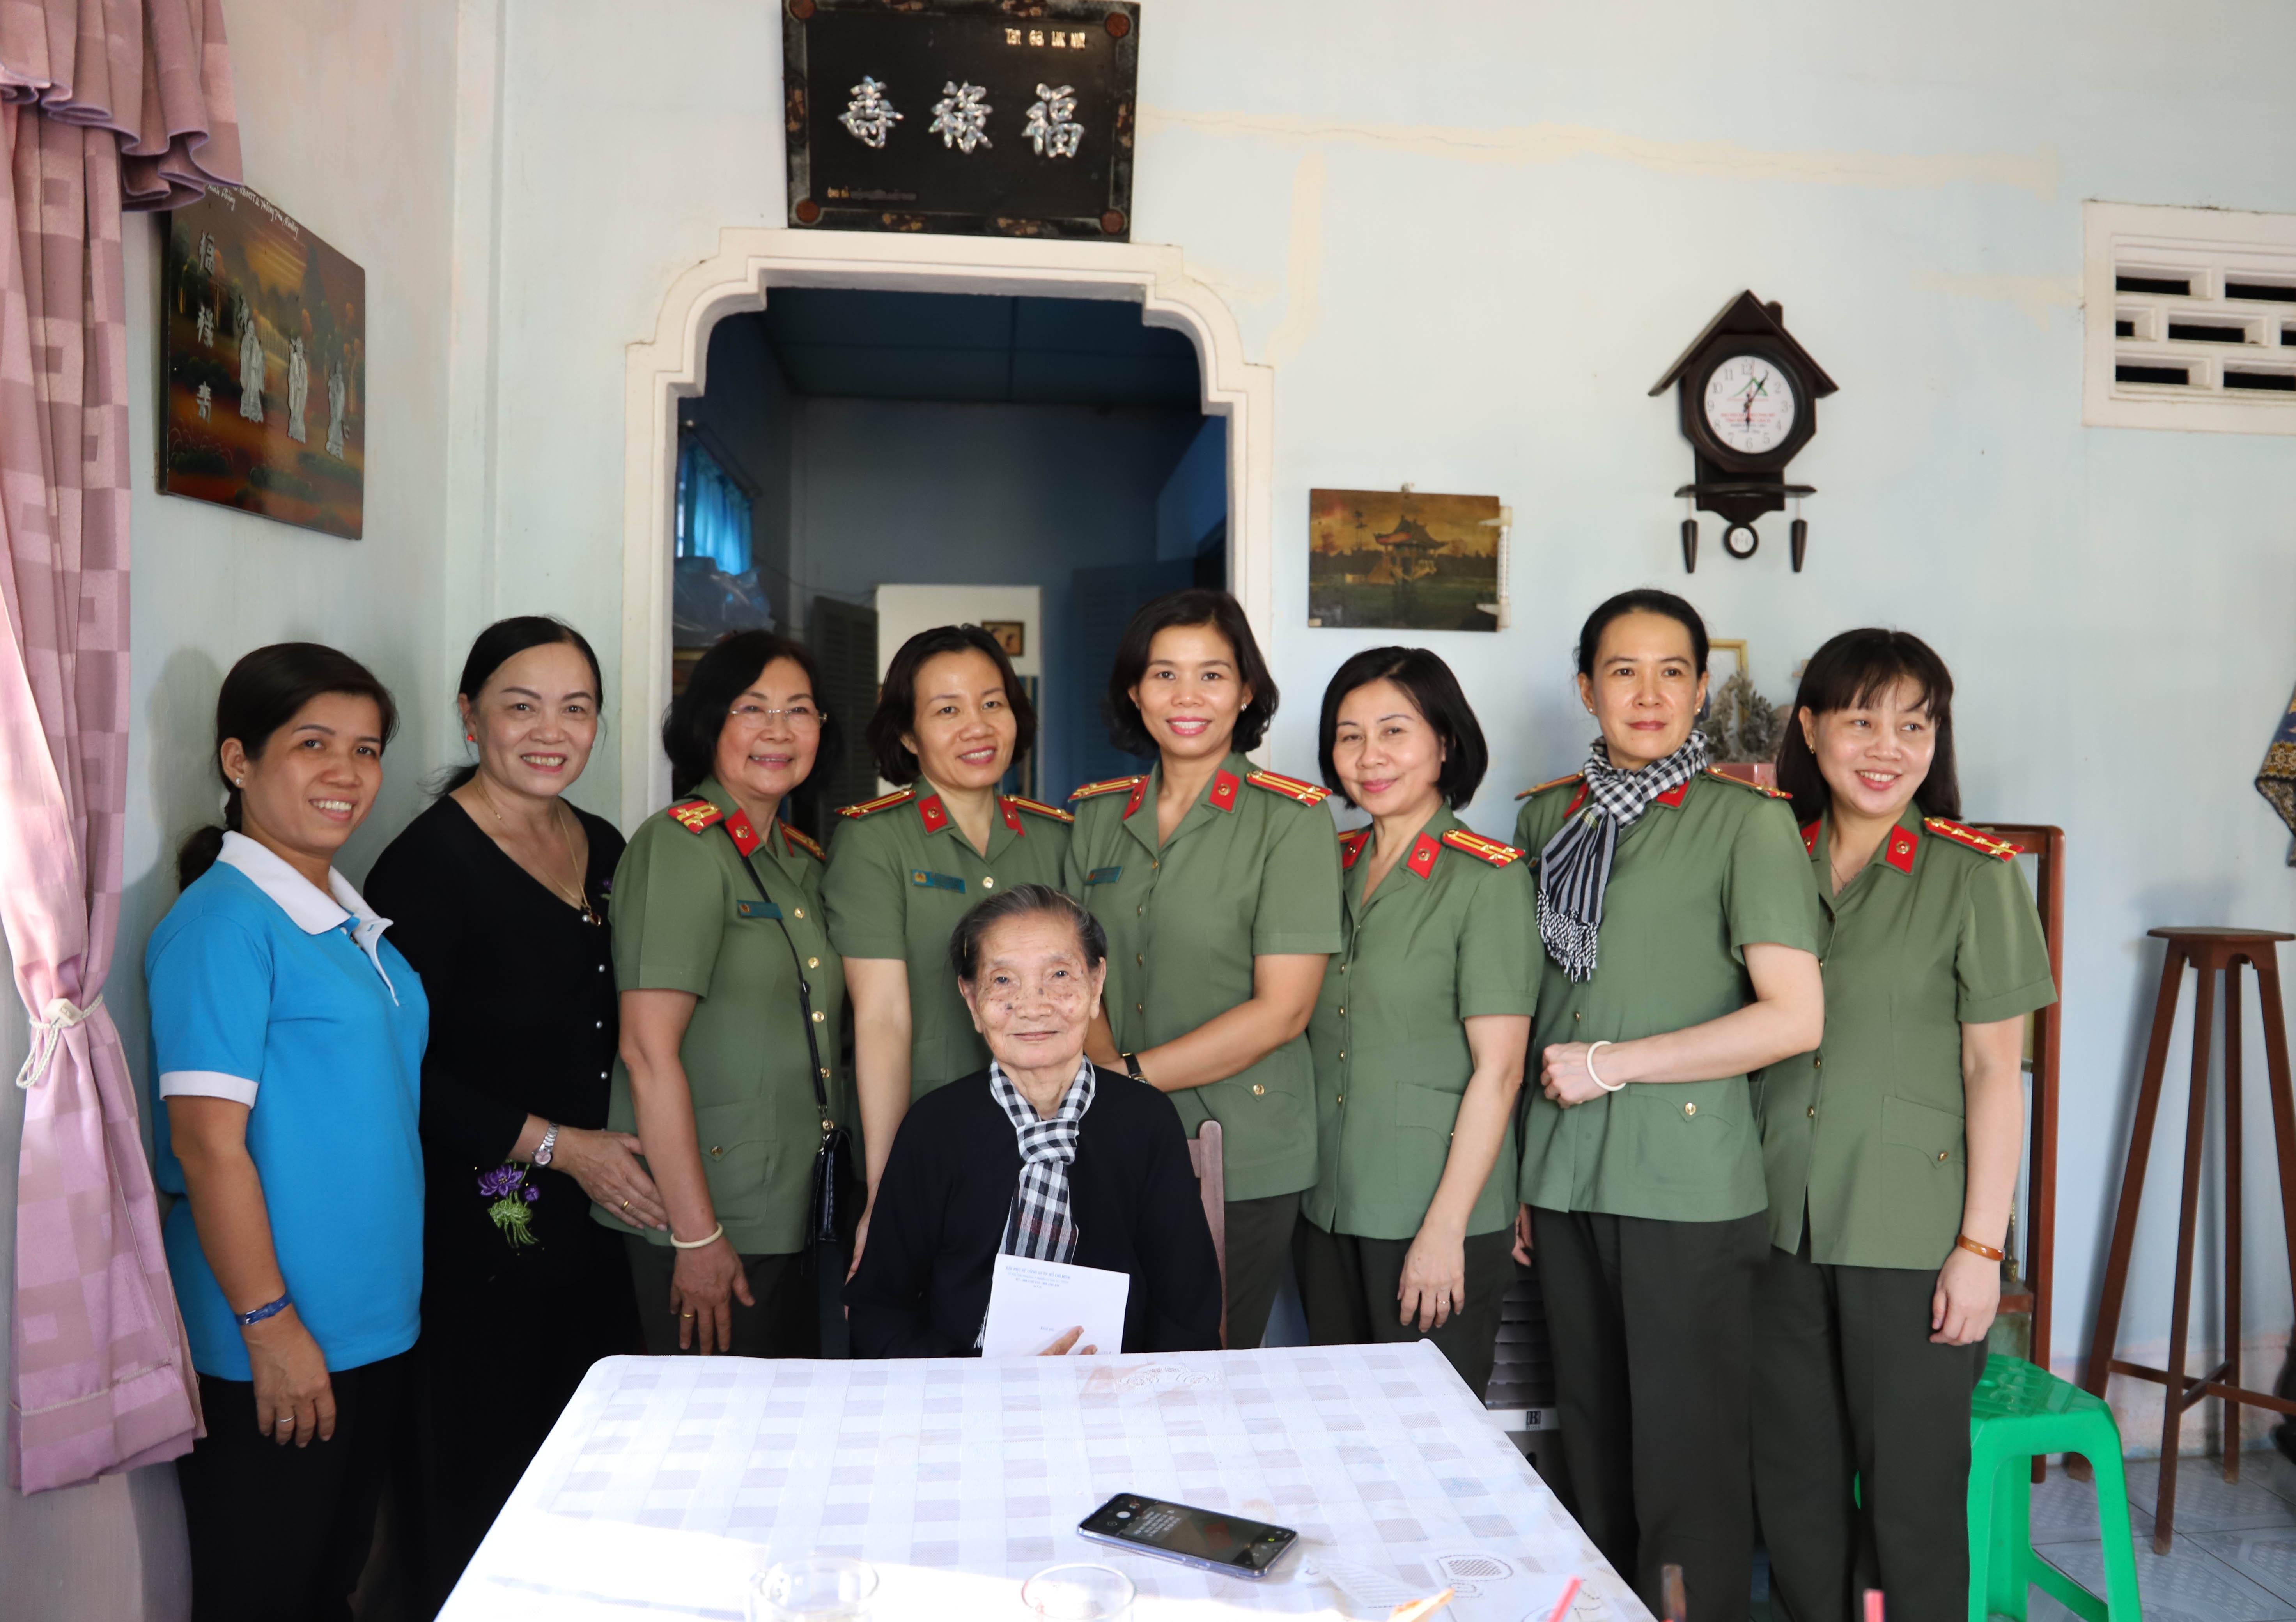 Đoàn ghé nhà thăm dì Nguyễn Thị Khao, một trong những cánh chim đầu đàn của Đội quân tóc dài năm xưa.